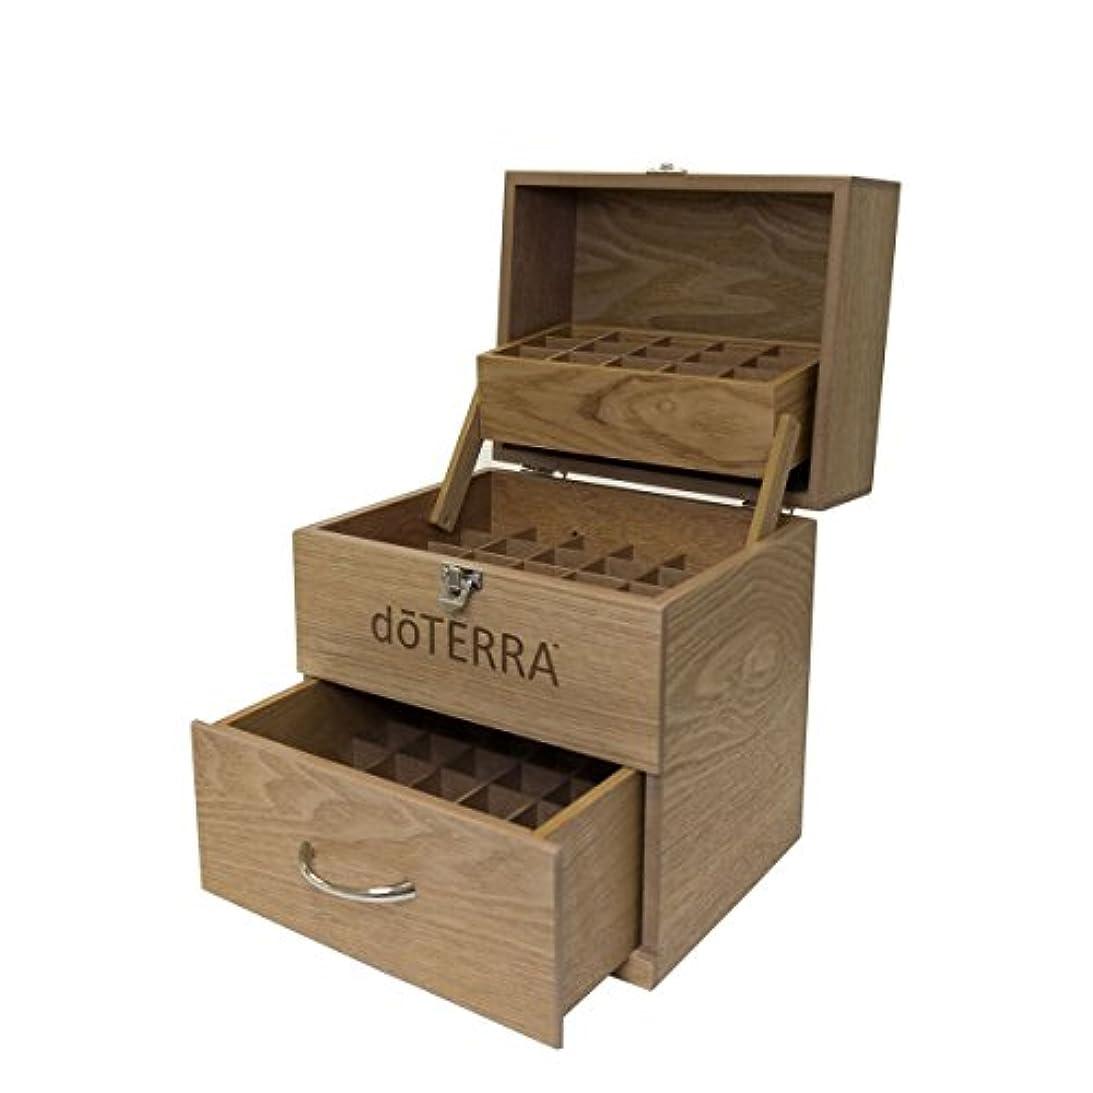 化学者ミトン廃棄(ドテラ) doTERRA ウッドボックス ライトブラウン 窓付き 木箱 エッセンシャルオイル 精油 整理箱 3段ボックス 75本